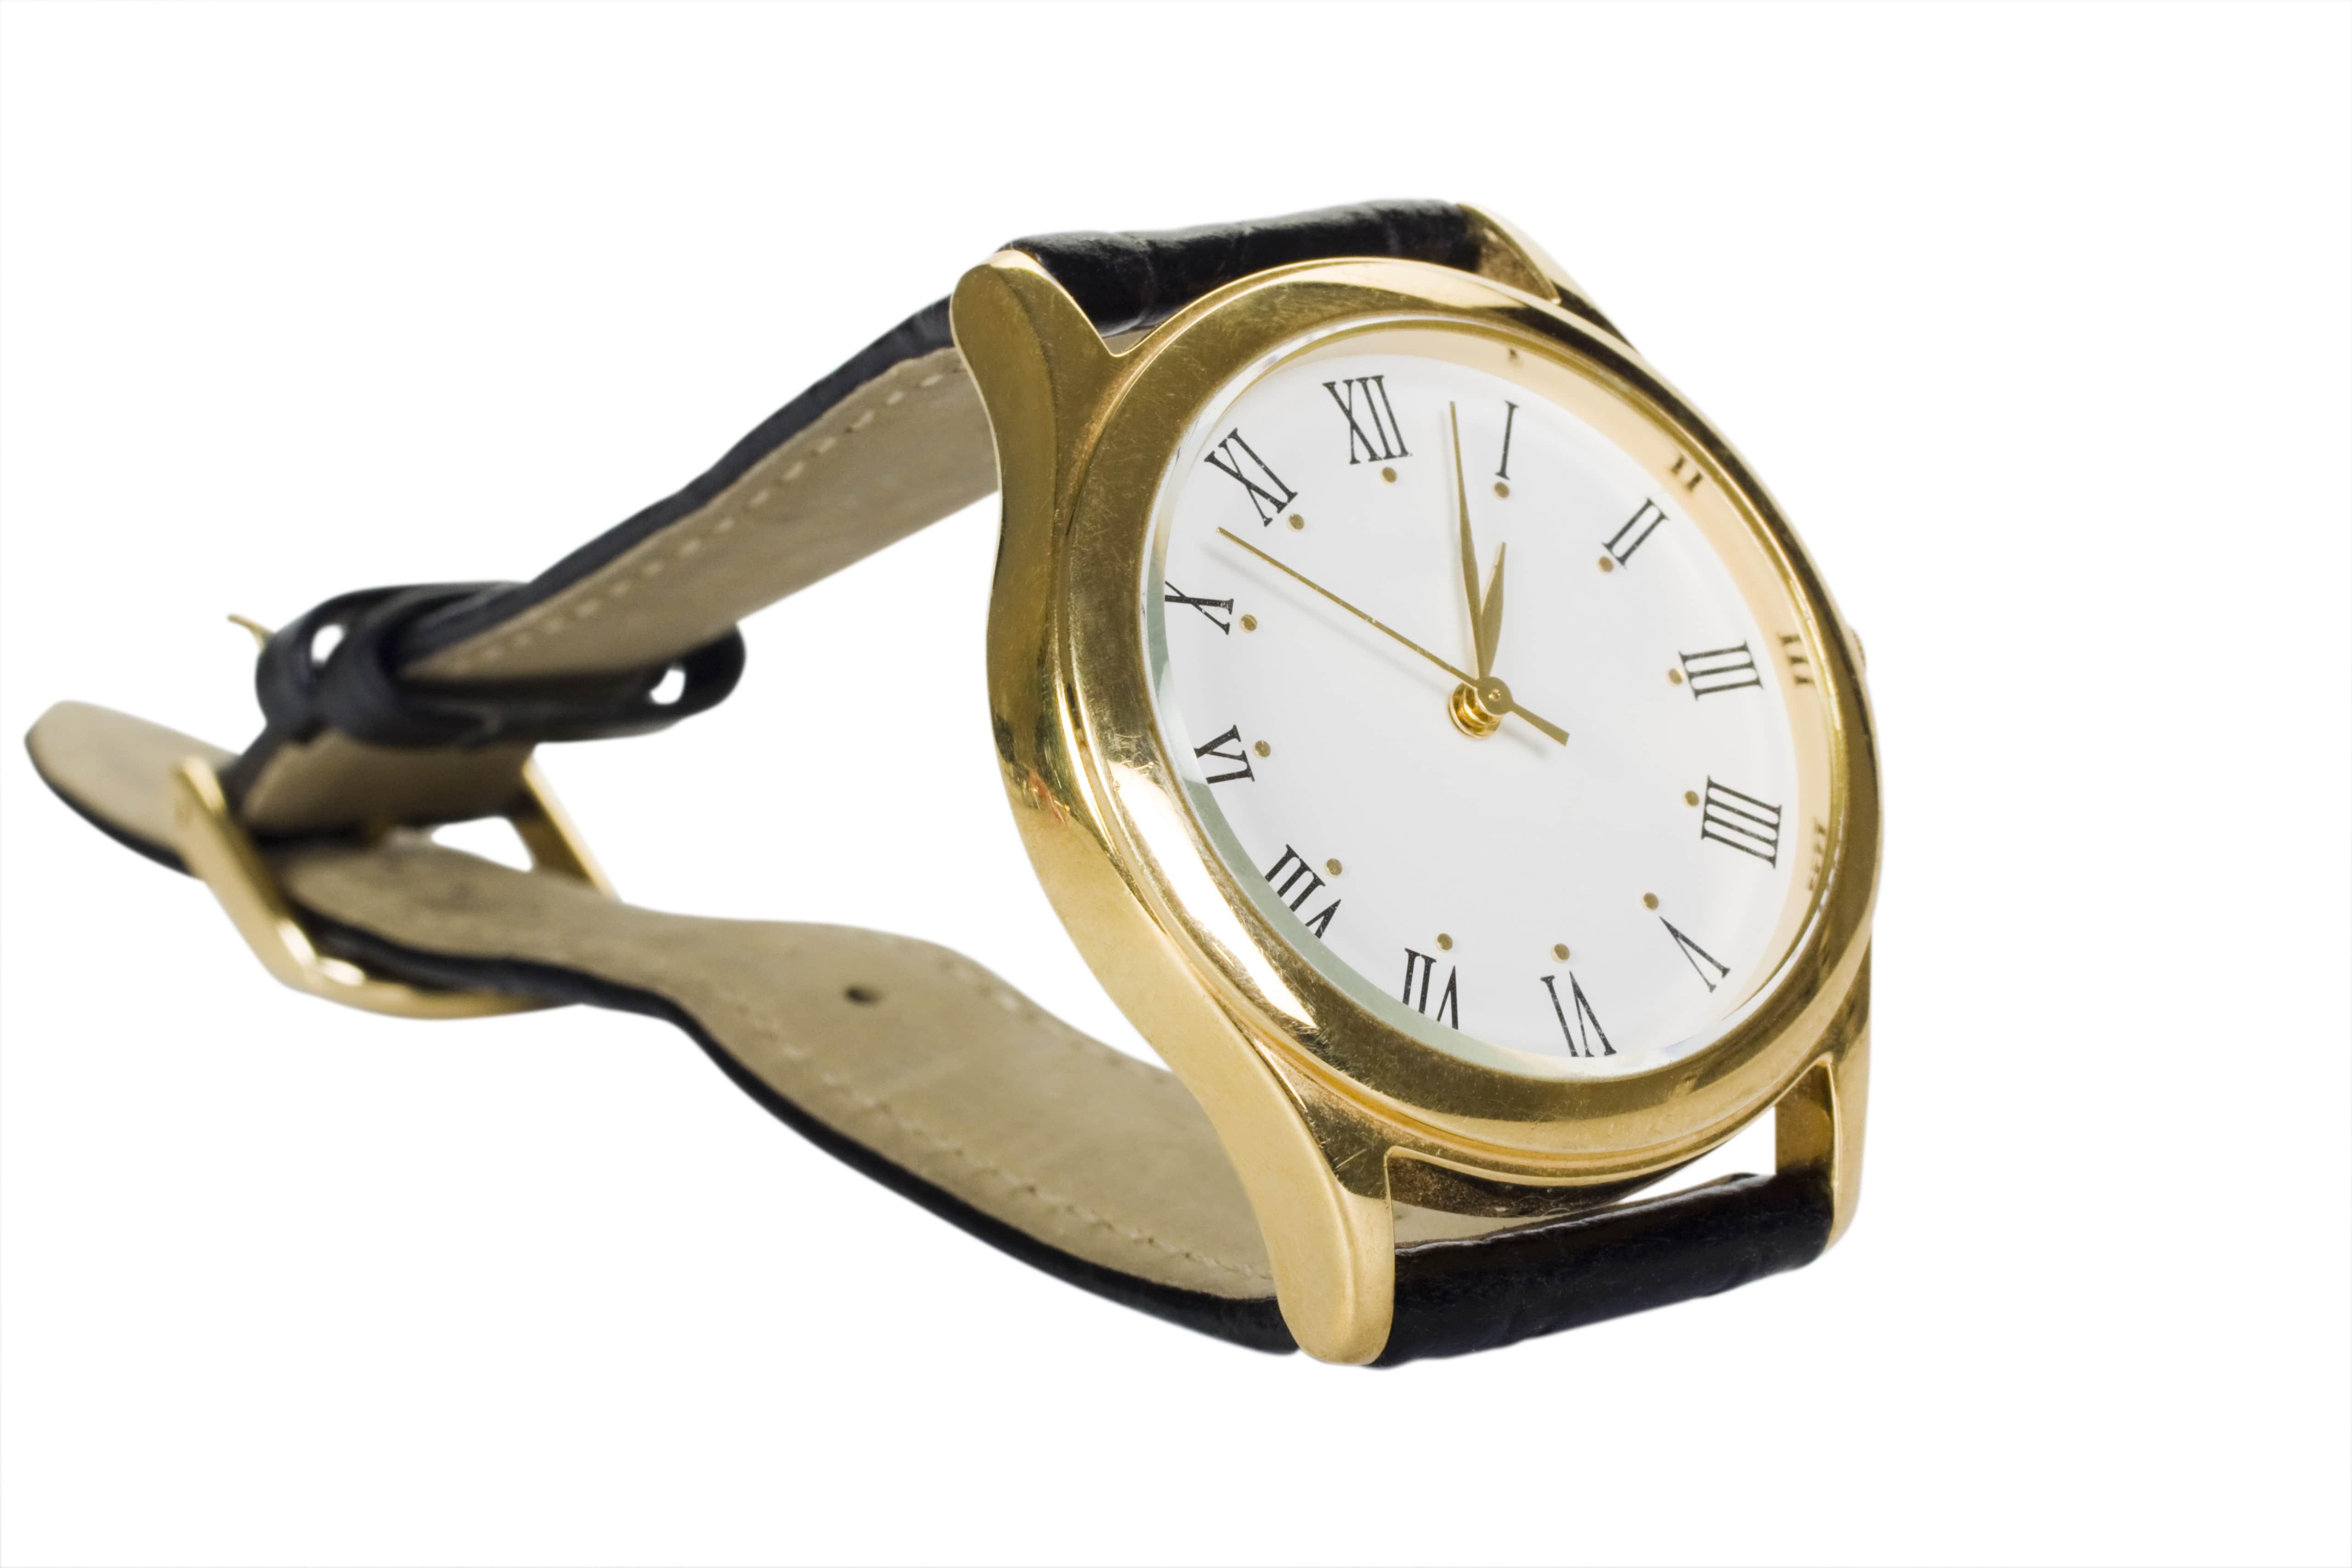 שעוני יוקרה – איך קונים שעון יוקרה בצורה נכונה